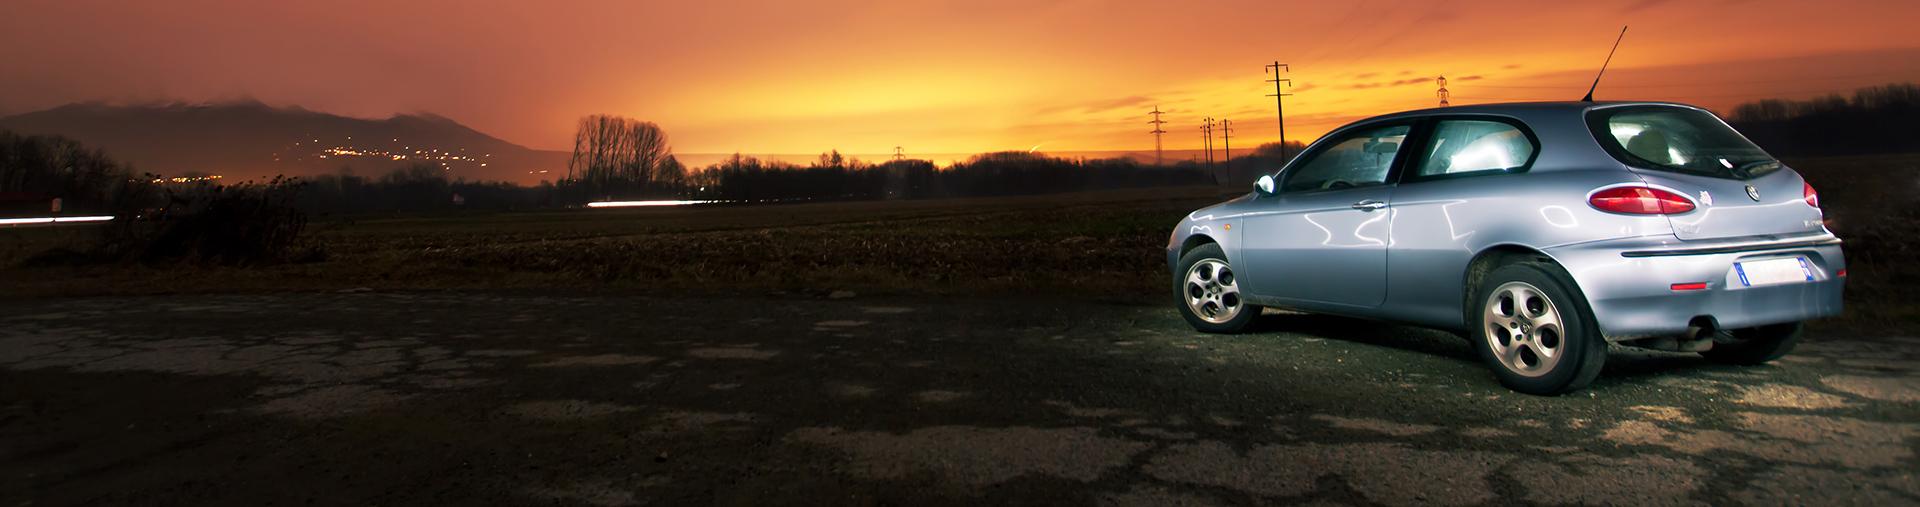 Részletes és precíz eredetiségvizsgálat, hogy Ön ne járjon pórul az autóvásárlással!